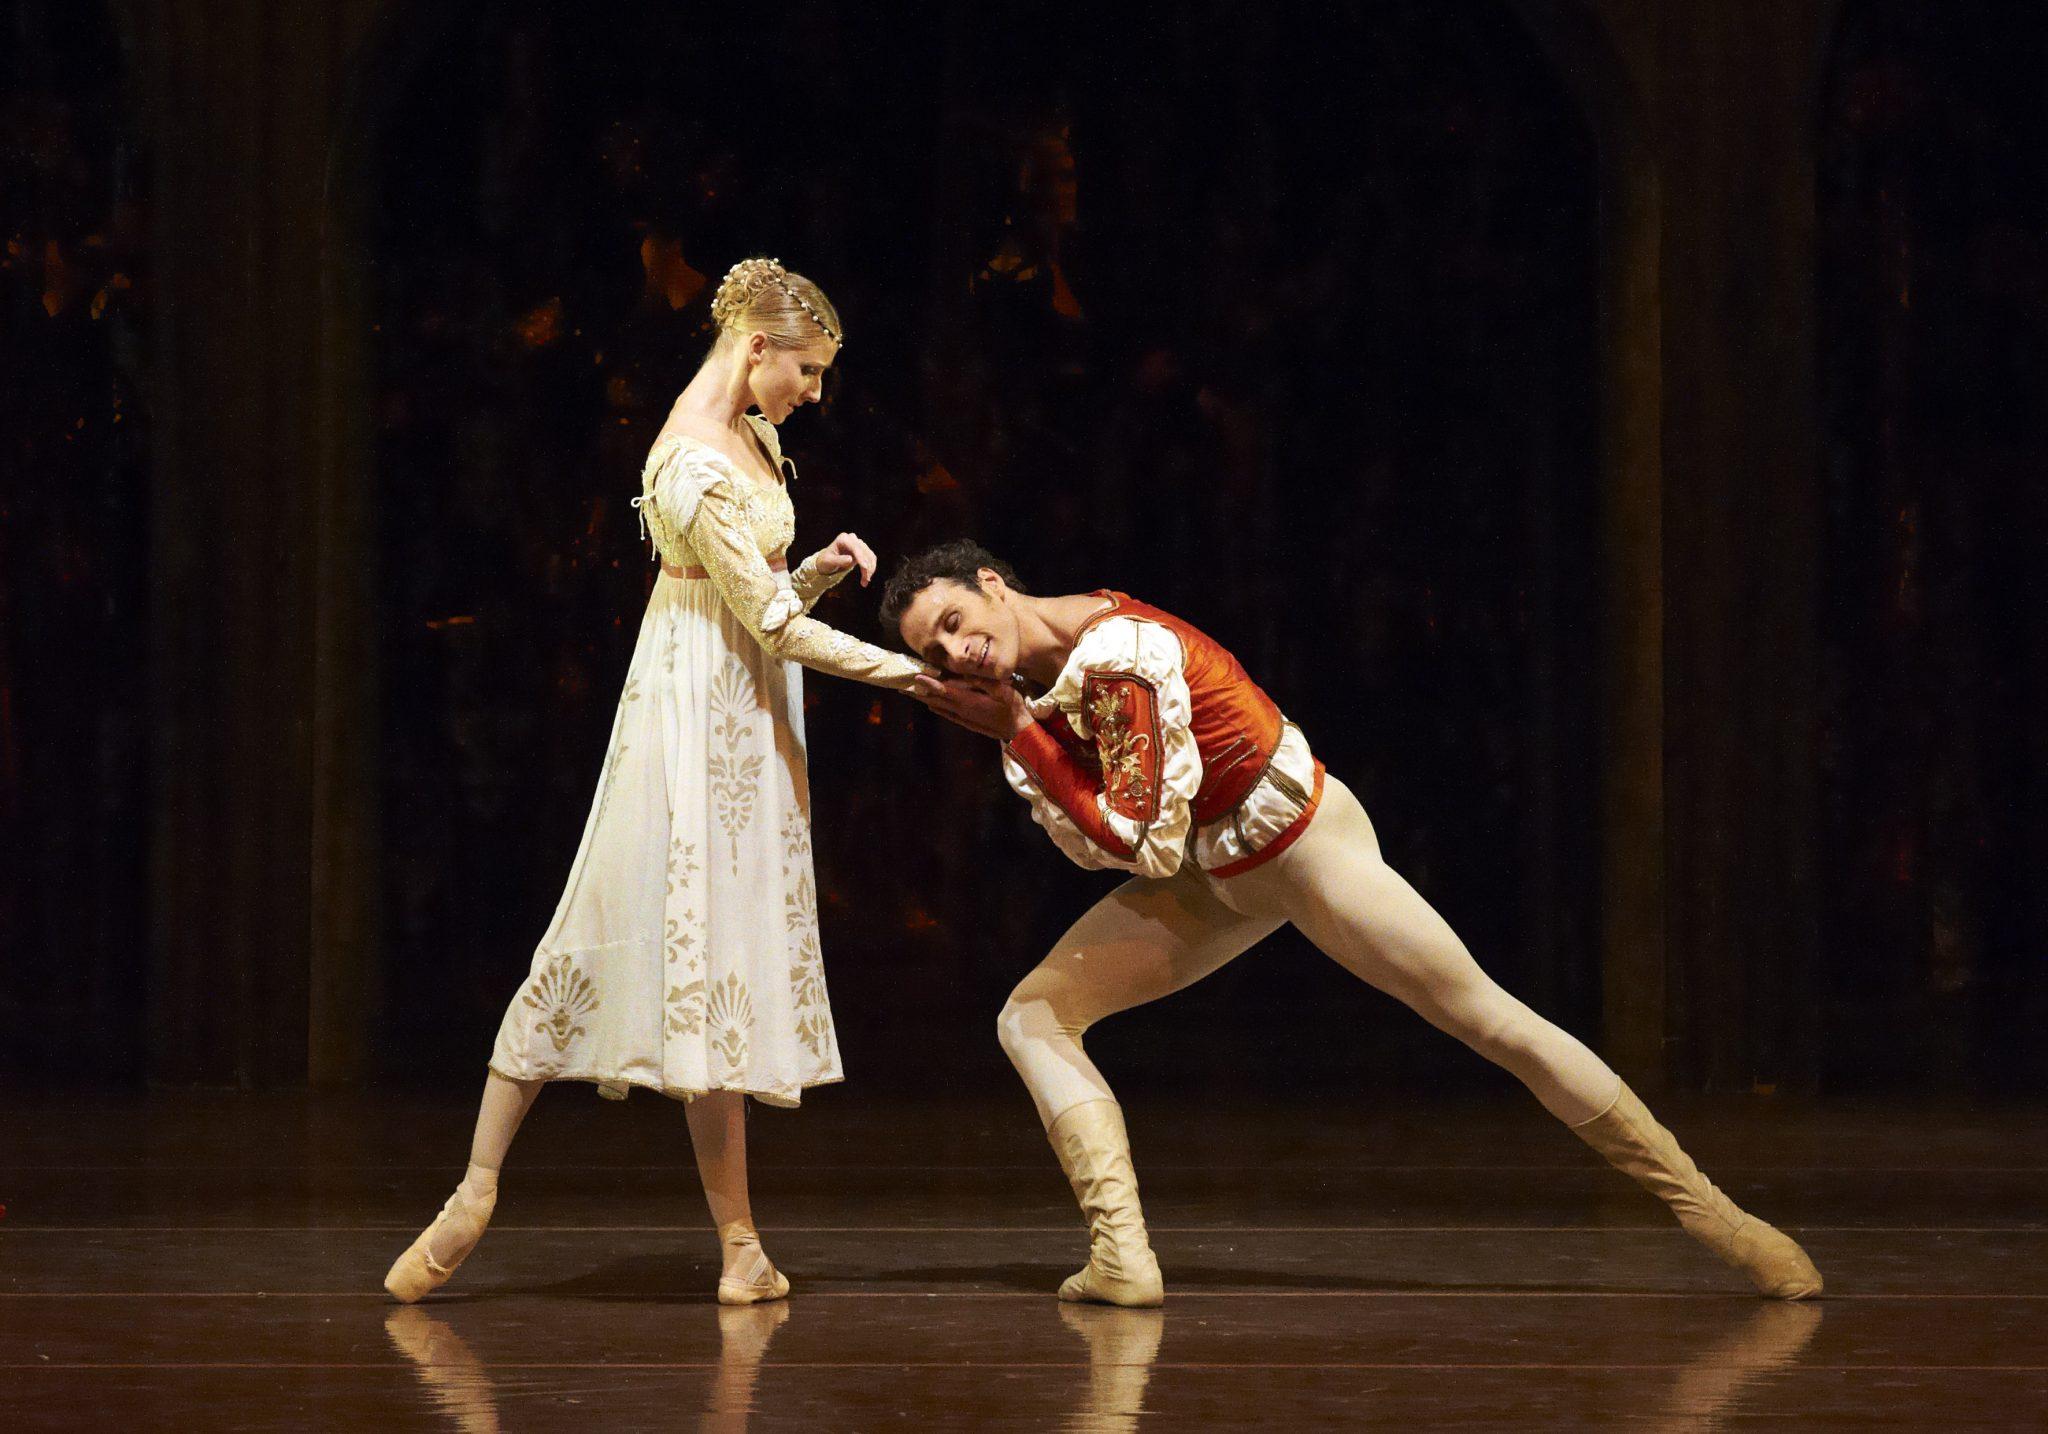 прокофьев балет ромео и джульетта картинки это крупный промышленно-коммерческий